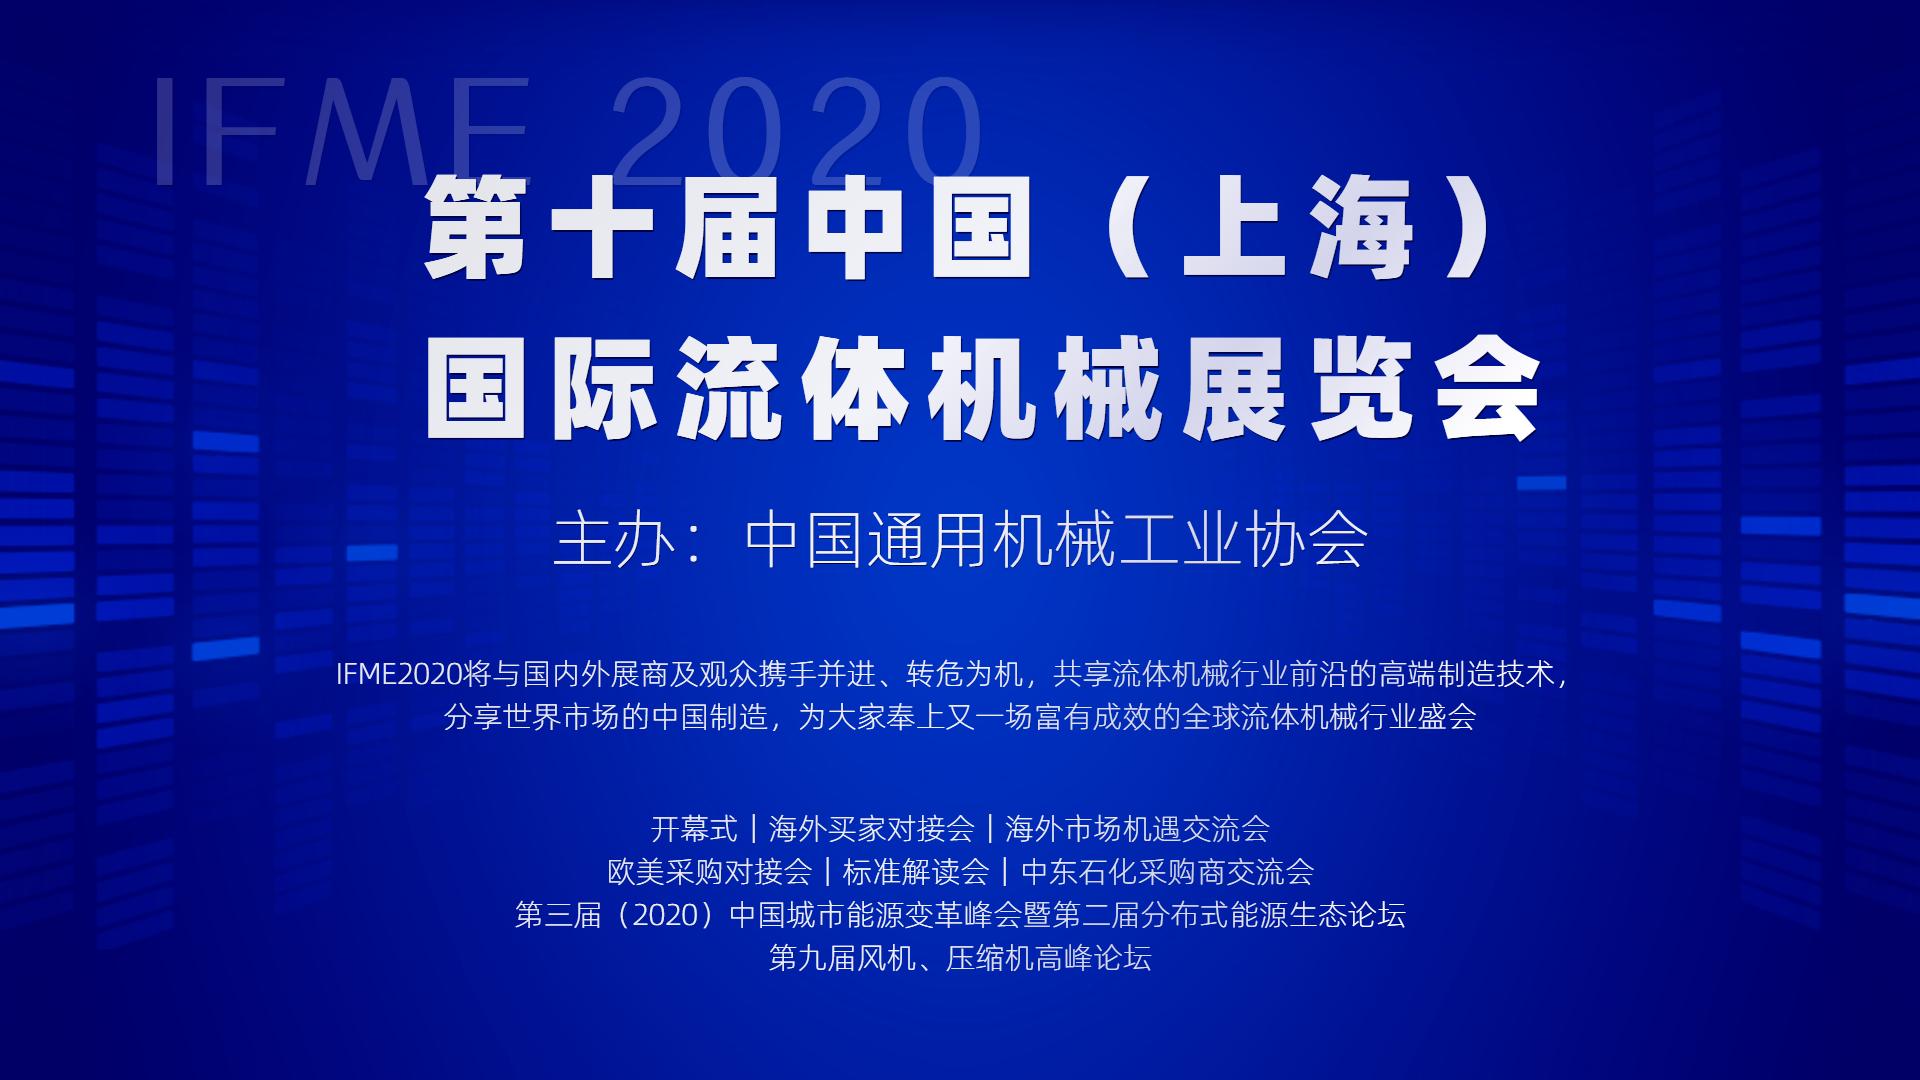 直播︰第十屆中國(上海)國際流體機械展覽會12月9日開幕